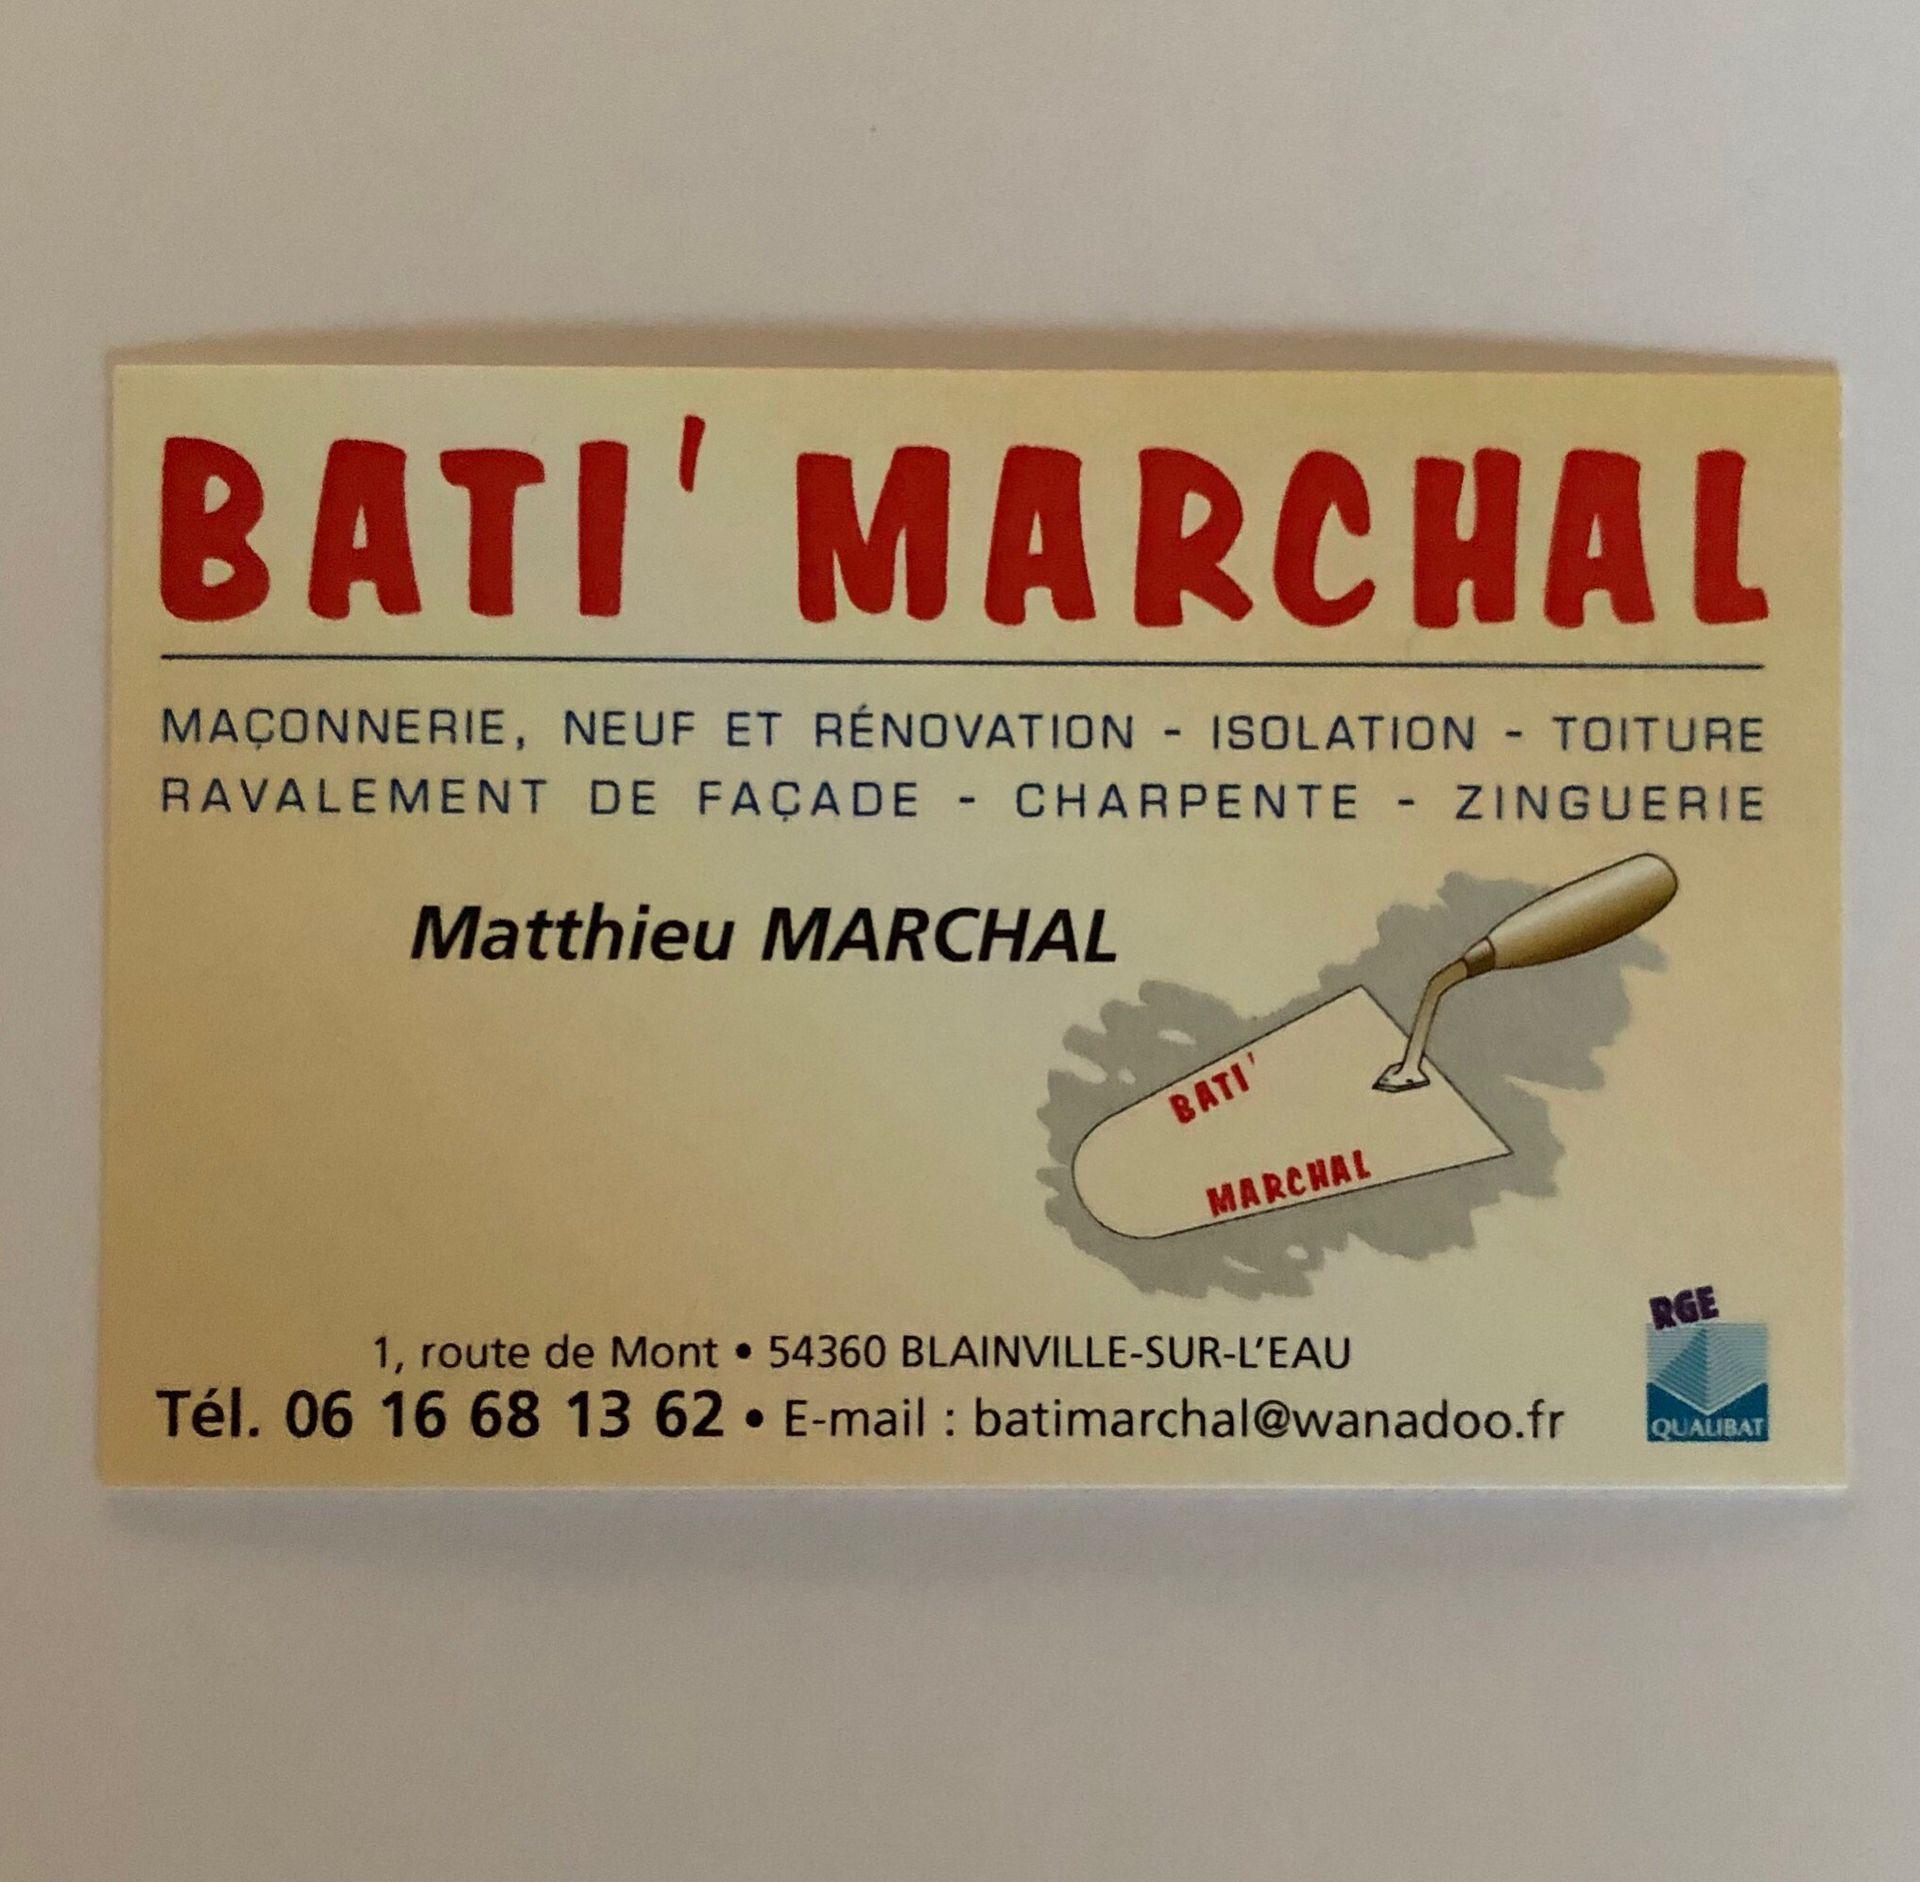 Bati'Marchal entreprise de maçonnerie